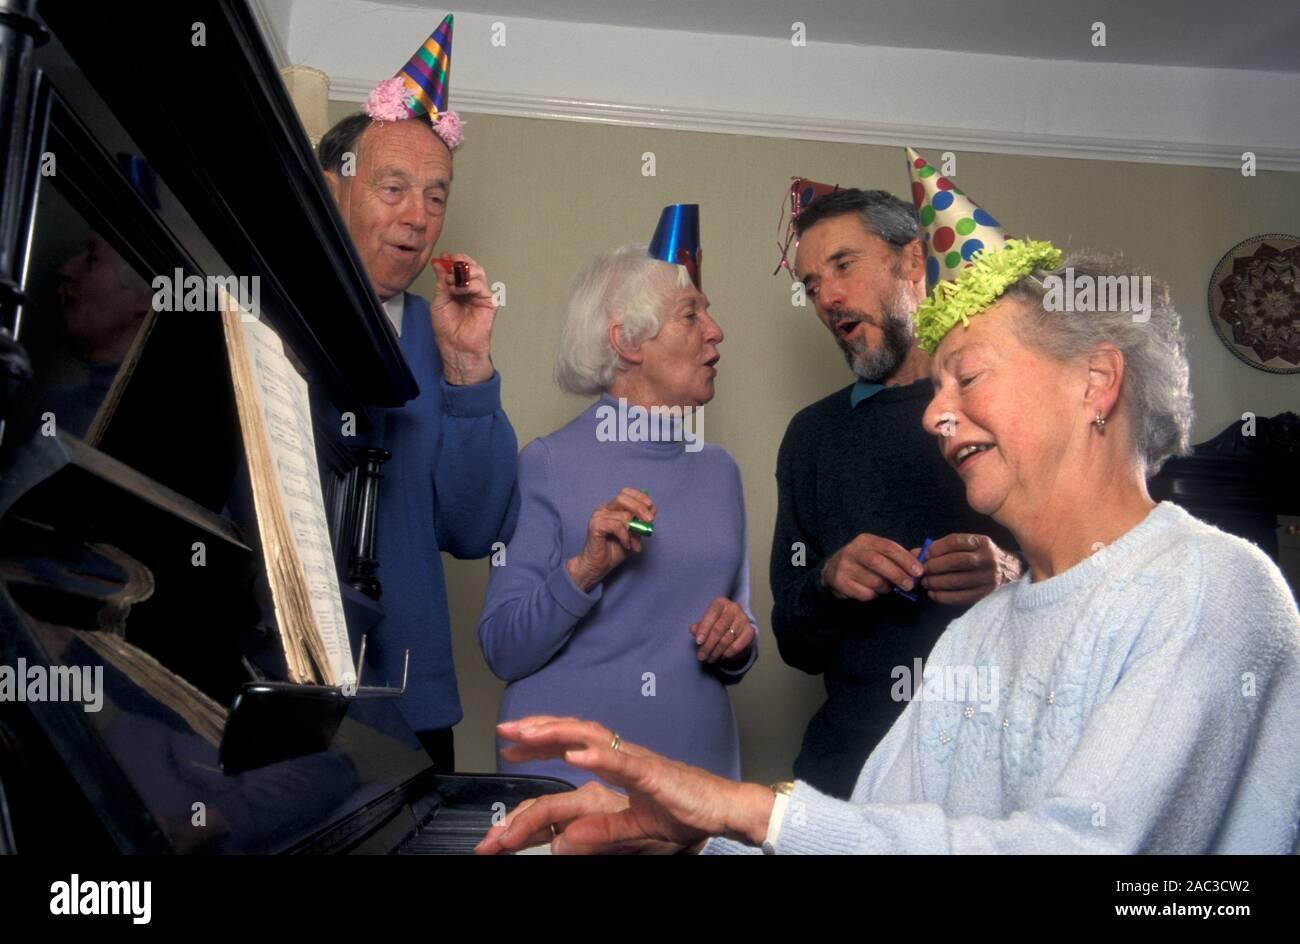 Coppie Senior in party cappelli avente cantare canzone intorno al pianoforte a Natale Foto Stock